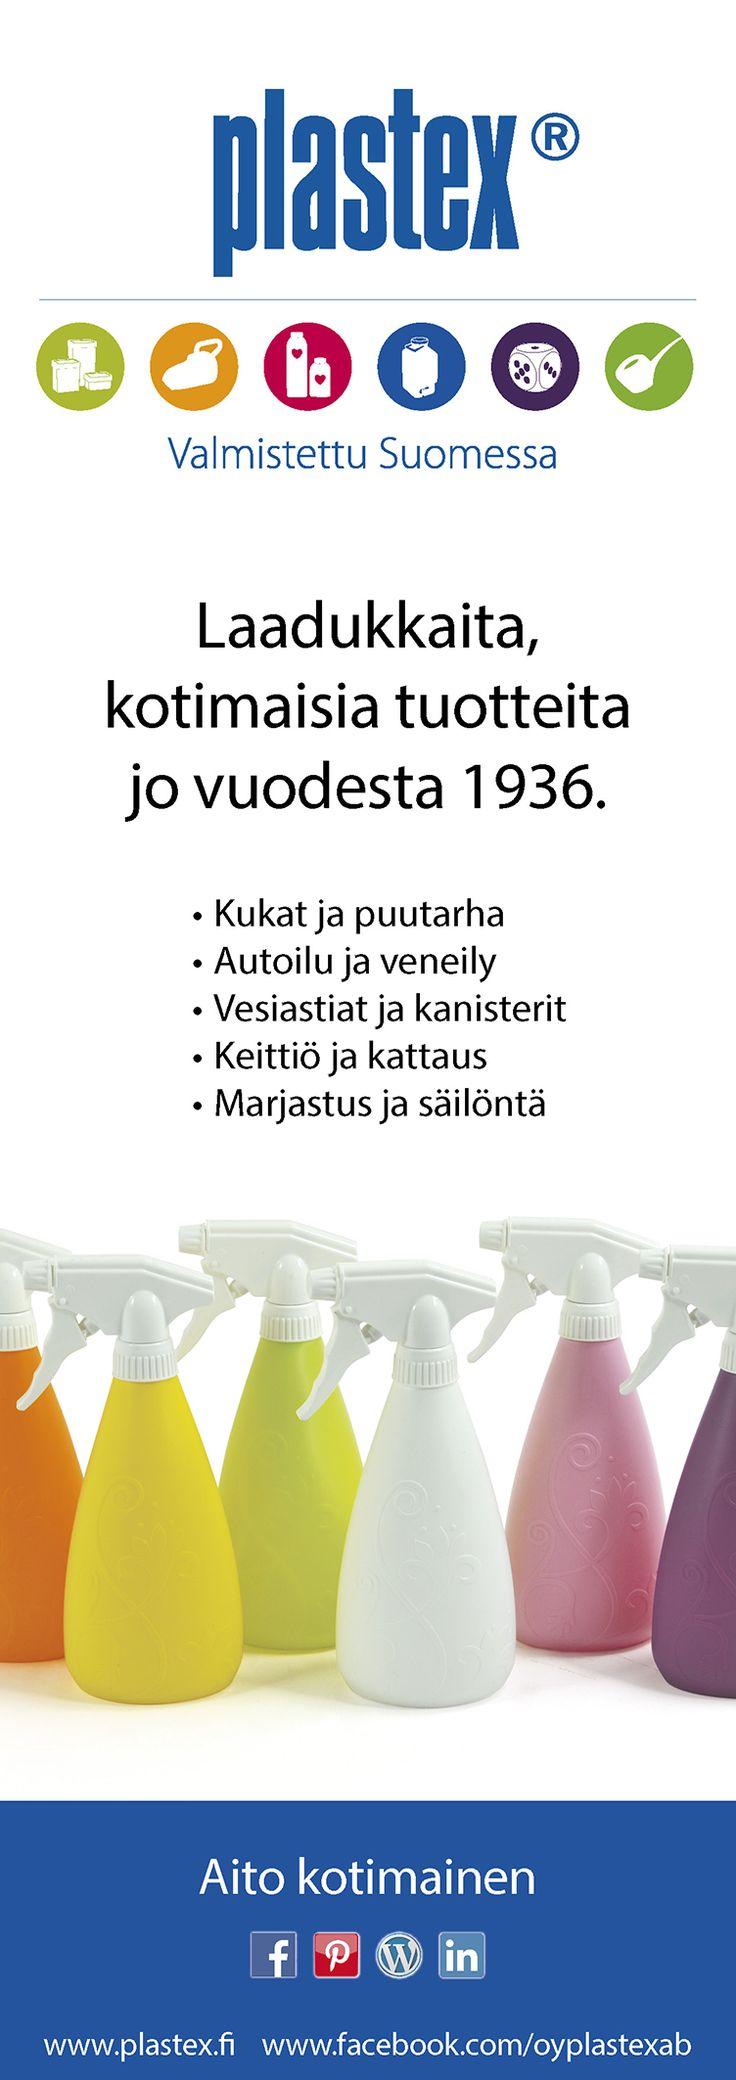 Plastex jo vuodesta 1936!